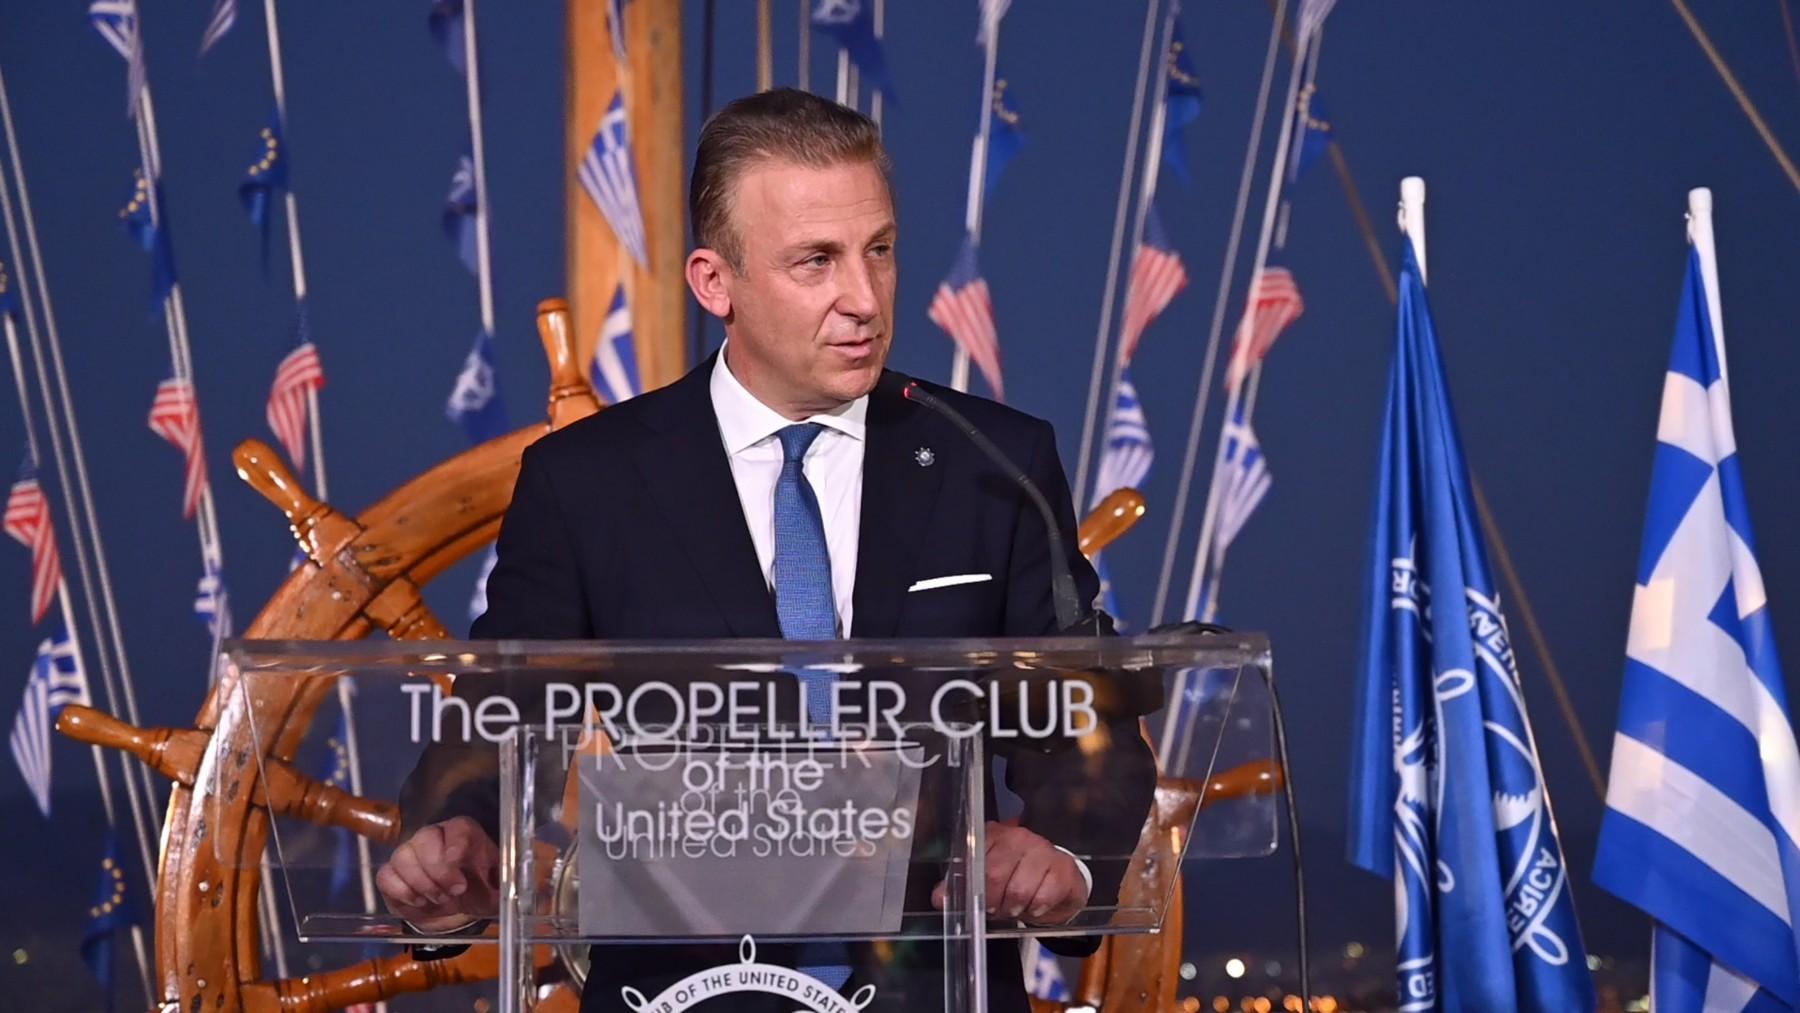 Ο Πρόεδρος του Propeller Club Πειραιά κ. Κωστής Φραγκούλης